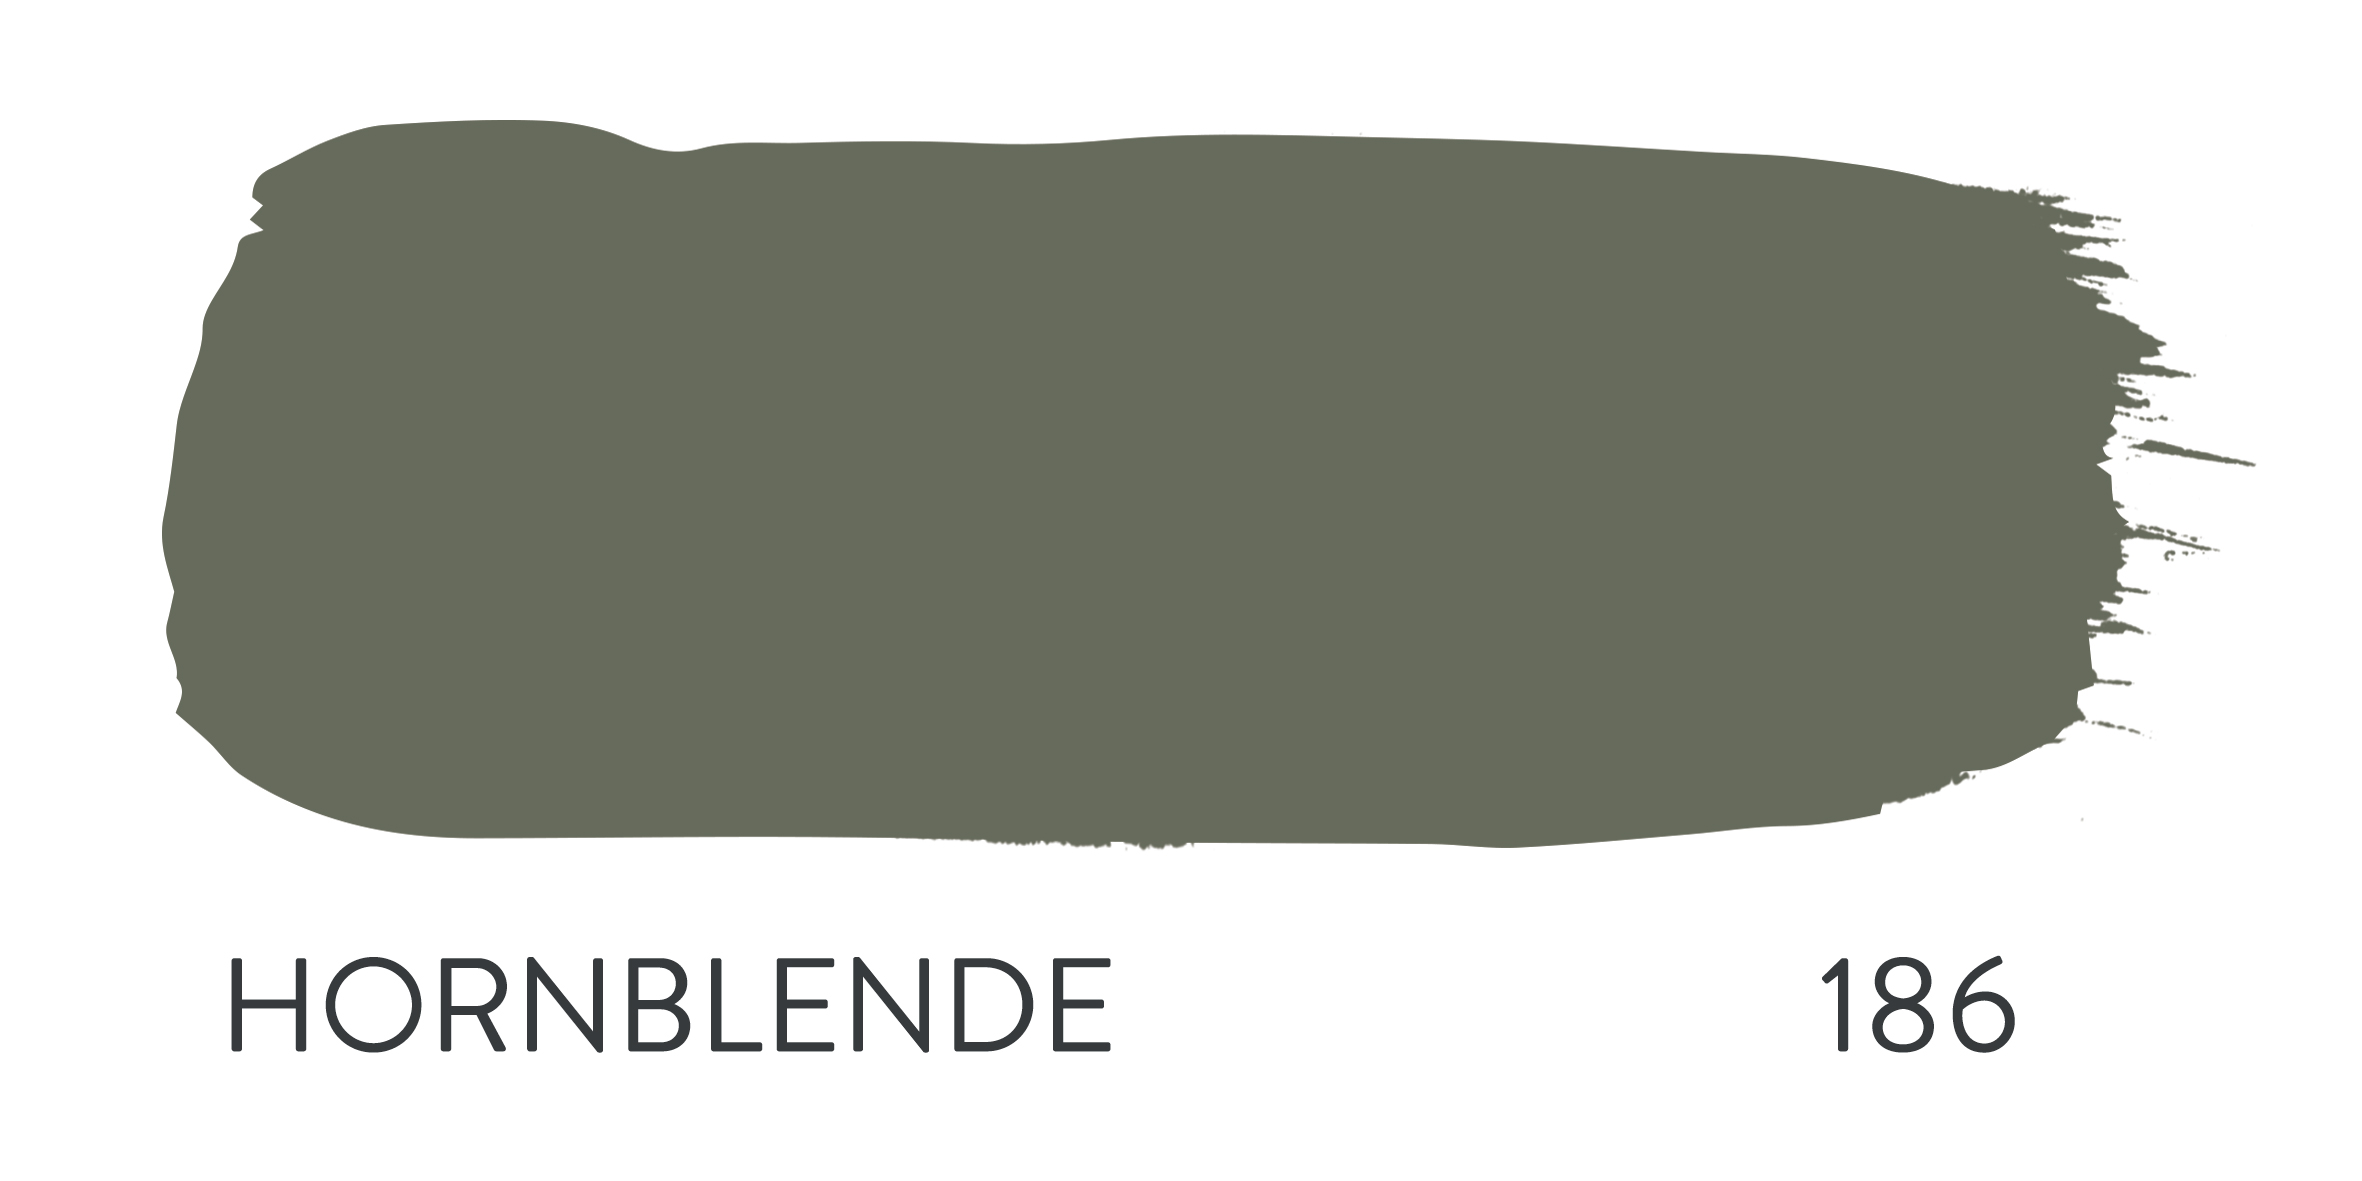 HORNBLENDE 186.jpg